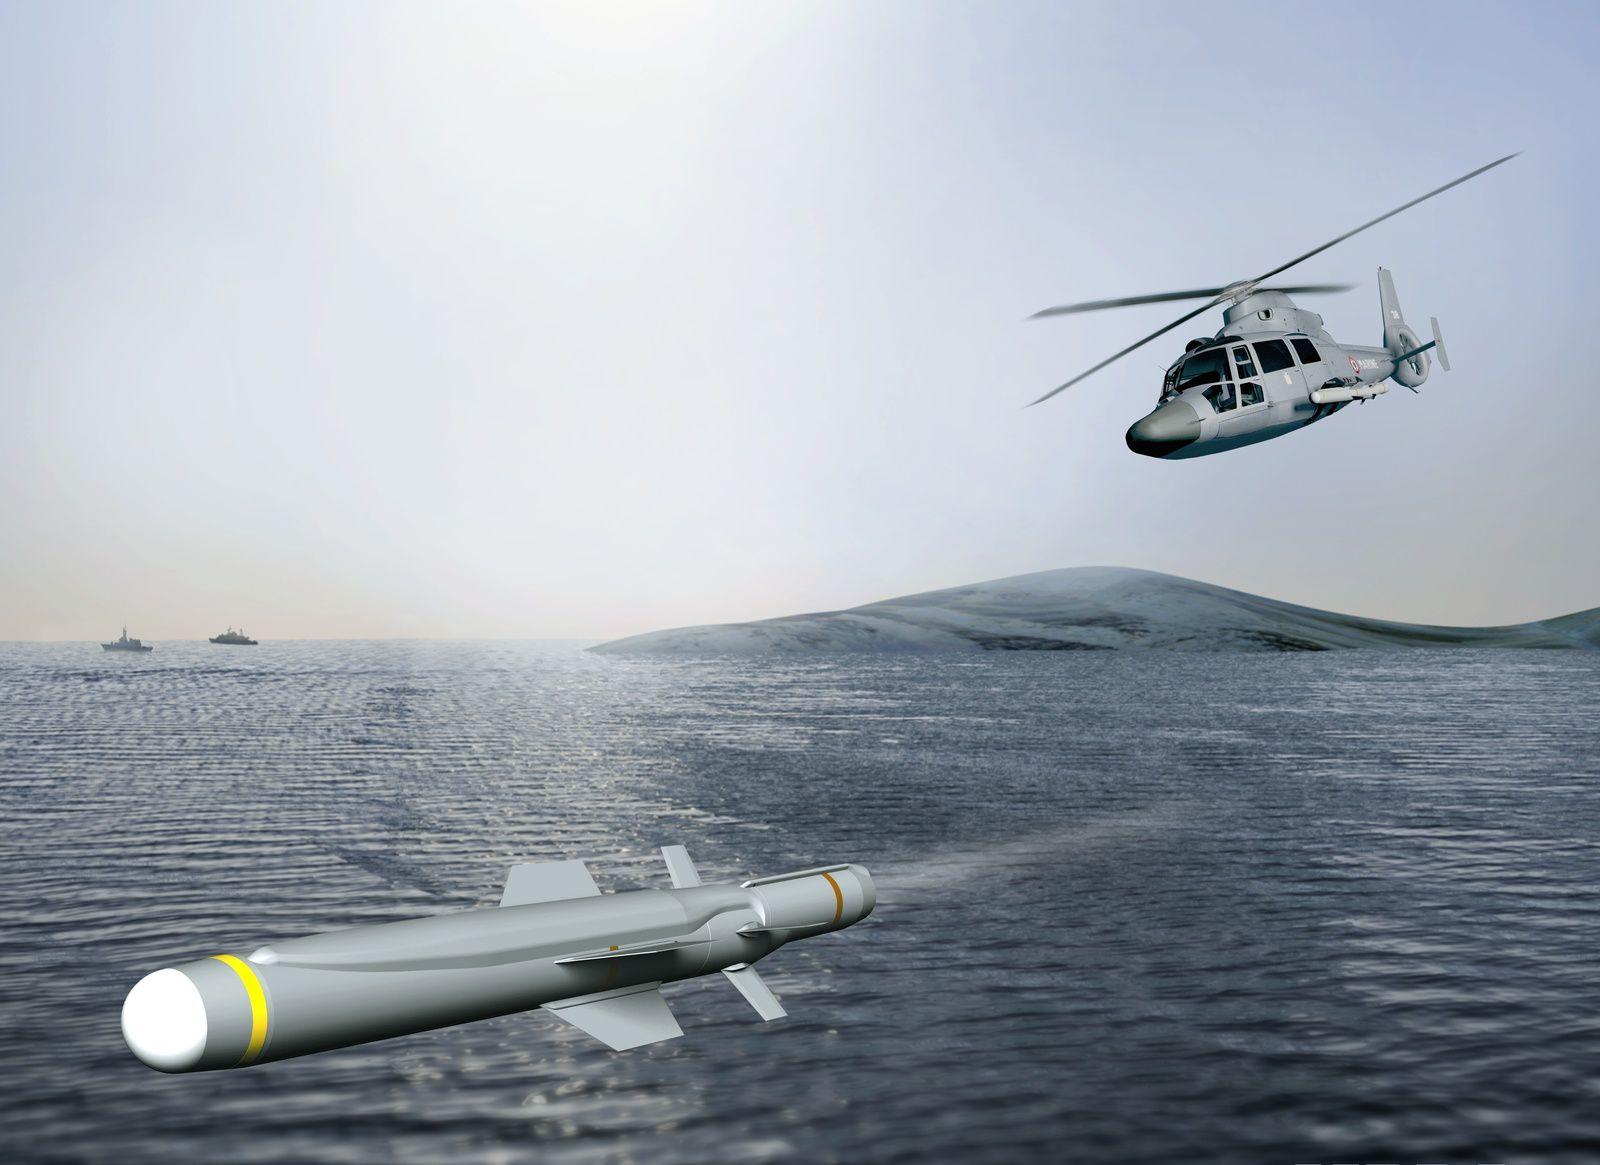 © MBD - Image de synthèse du tir de l'ANL par un hélicoptère Panther.